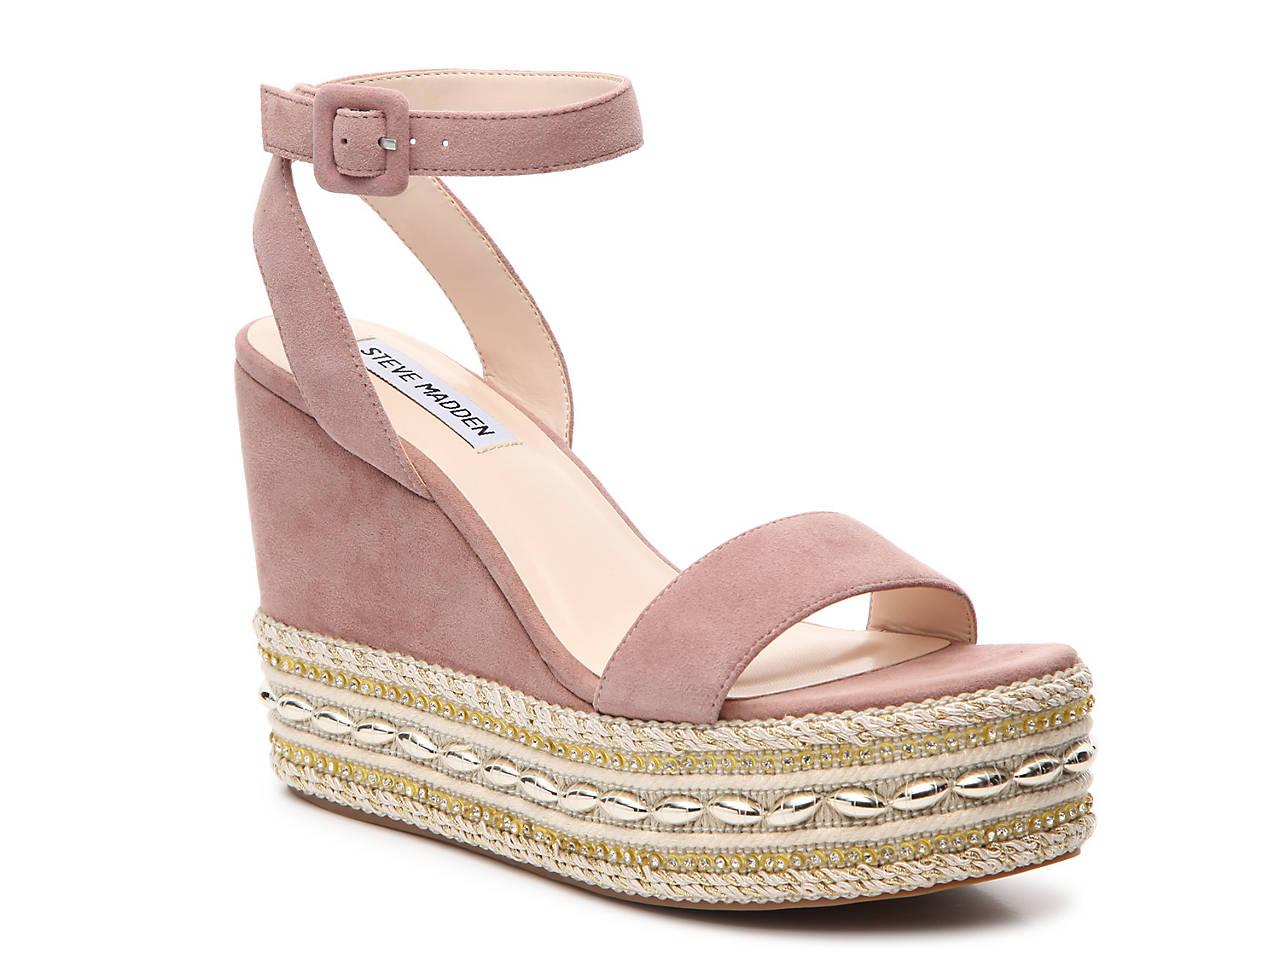 950c8346daf Steve Madden Walta Wedge Sandal Men s Shoes